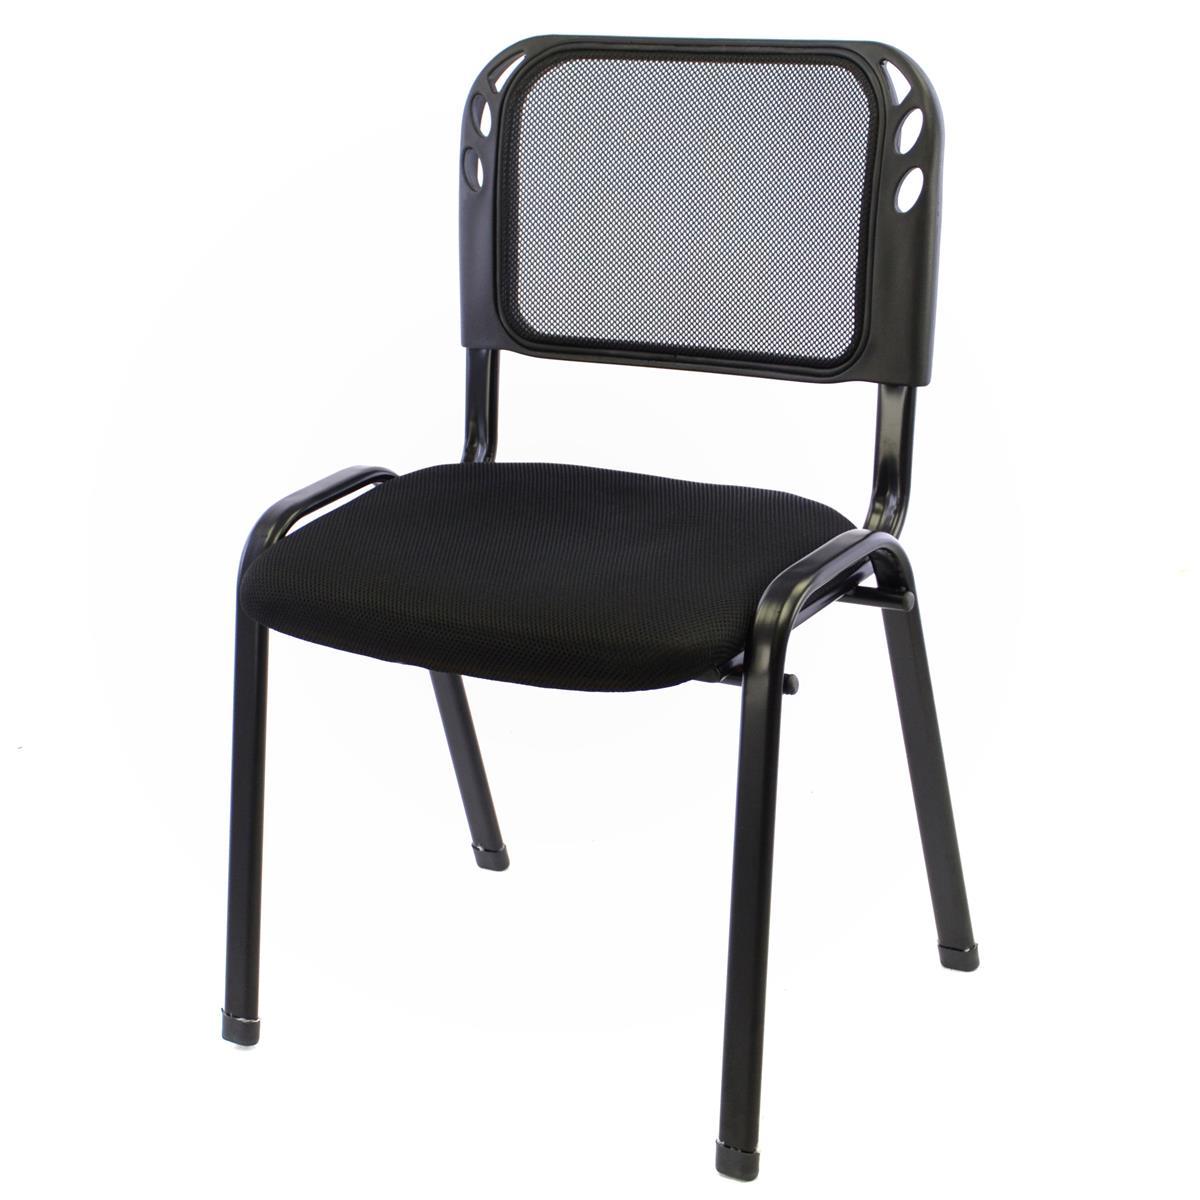 Besucherstuhl Bürostuhl Konferenzstuhl Sitzfläche Schwarz gepolstert stapelbar